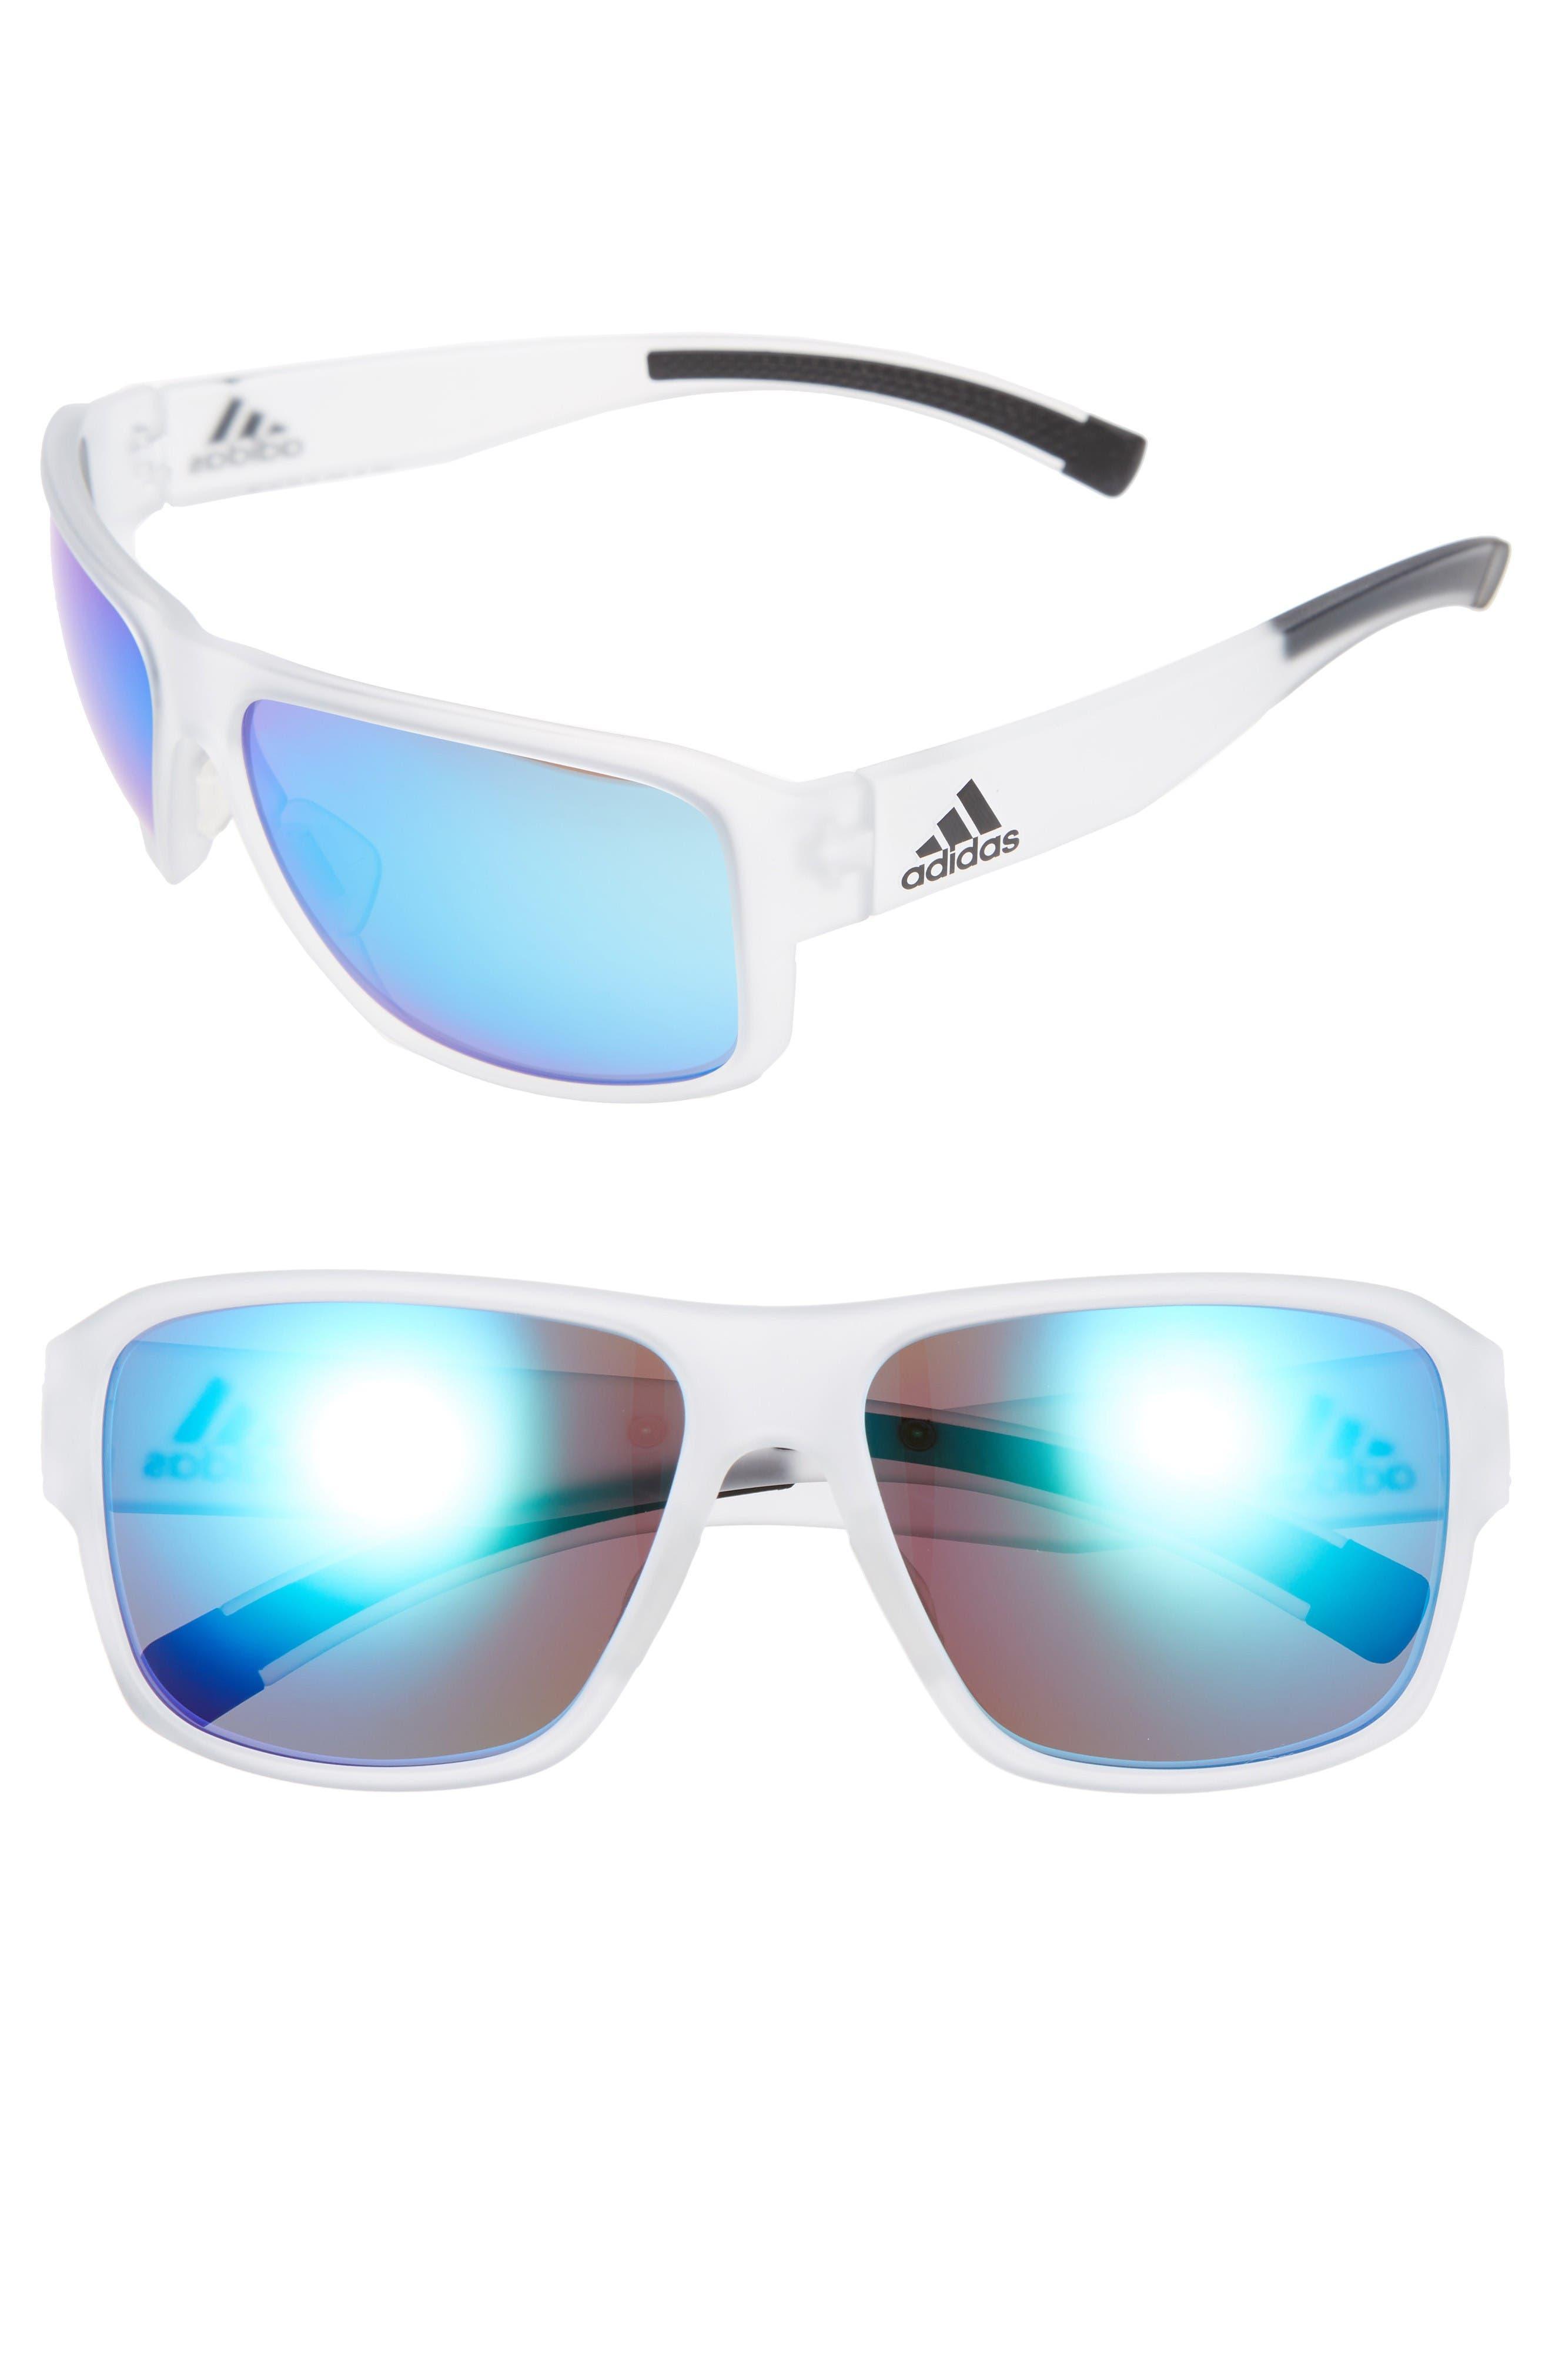 Jaysor 60mm Sunglasses,                         Main,                         color, Crystal Clear/ Blue Mirror